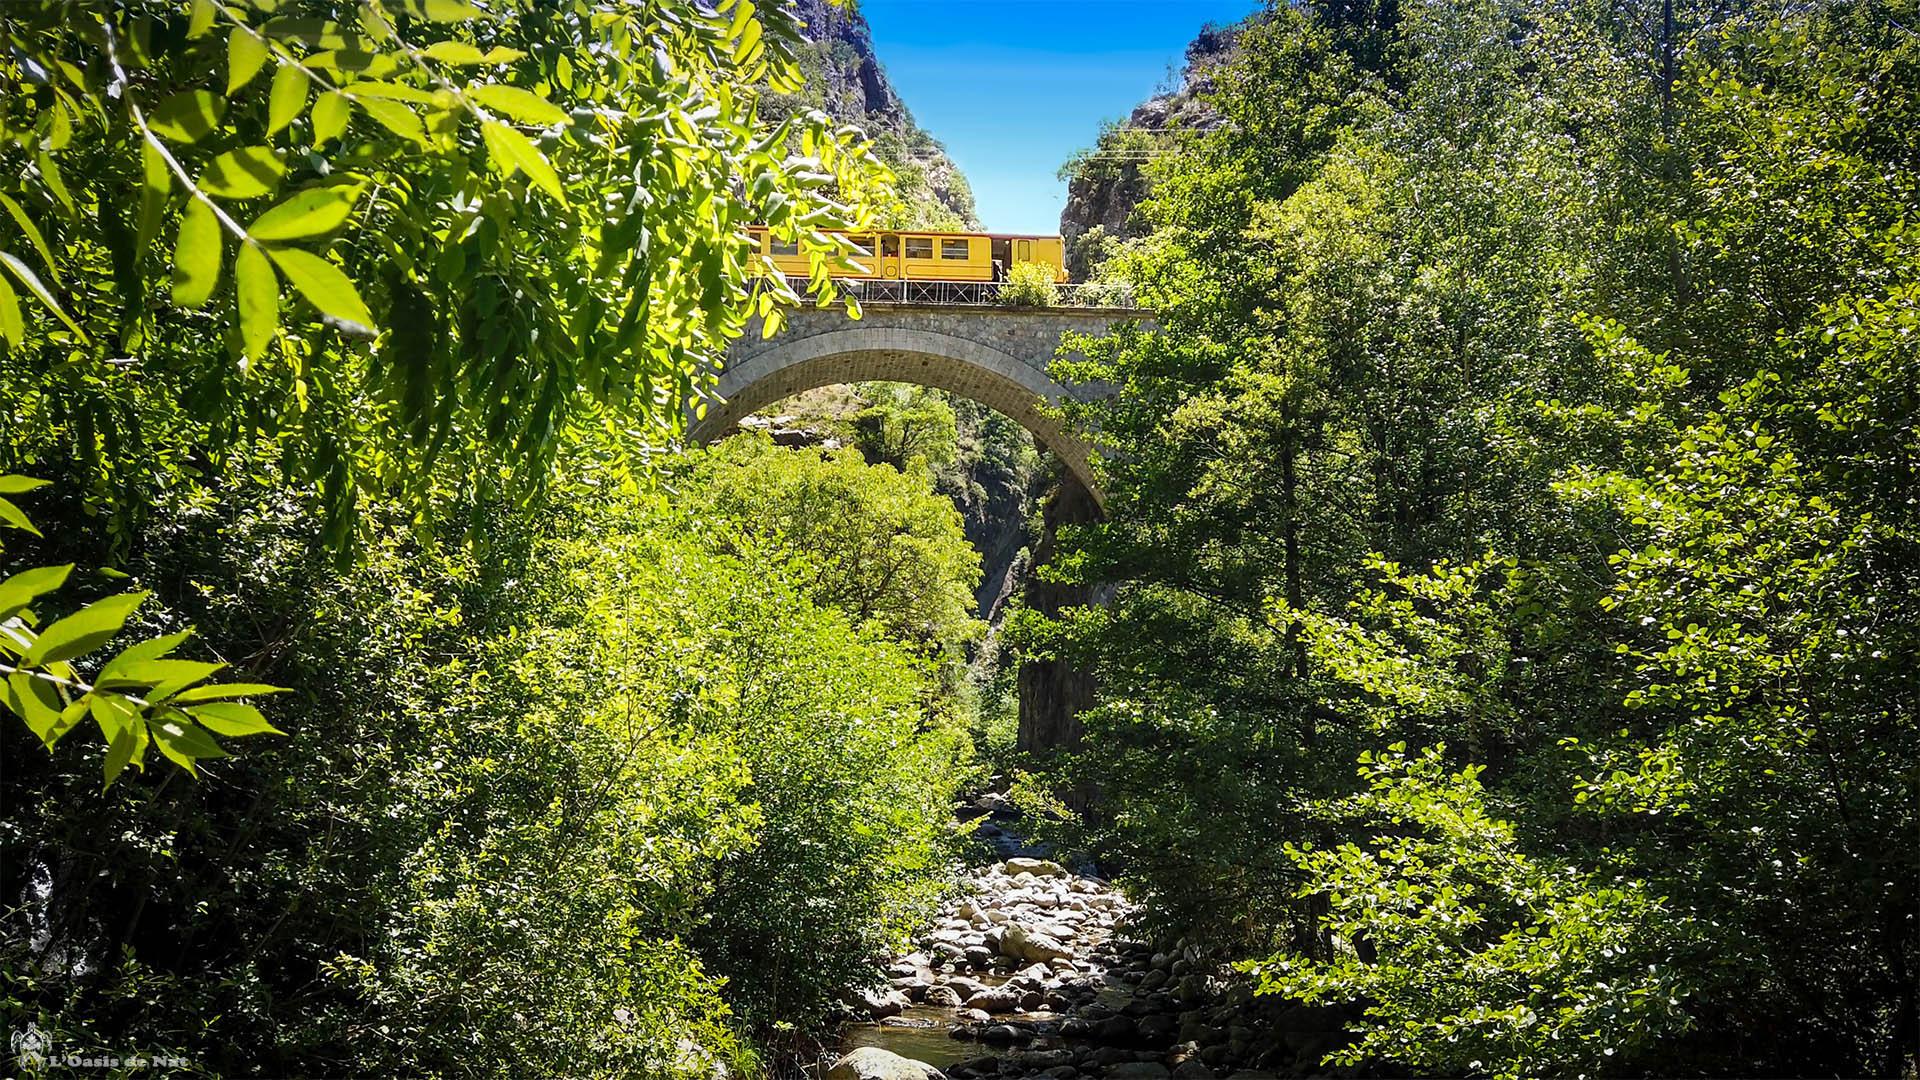 Train jaune - Gorges de la Carança - rivière - forêt - Pyrénées orientales